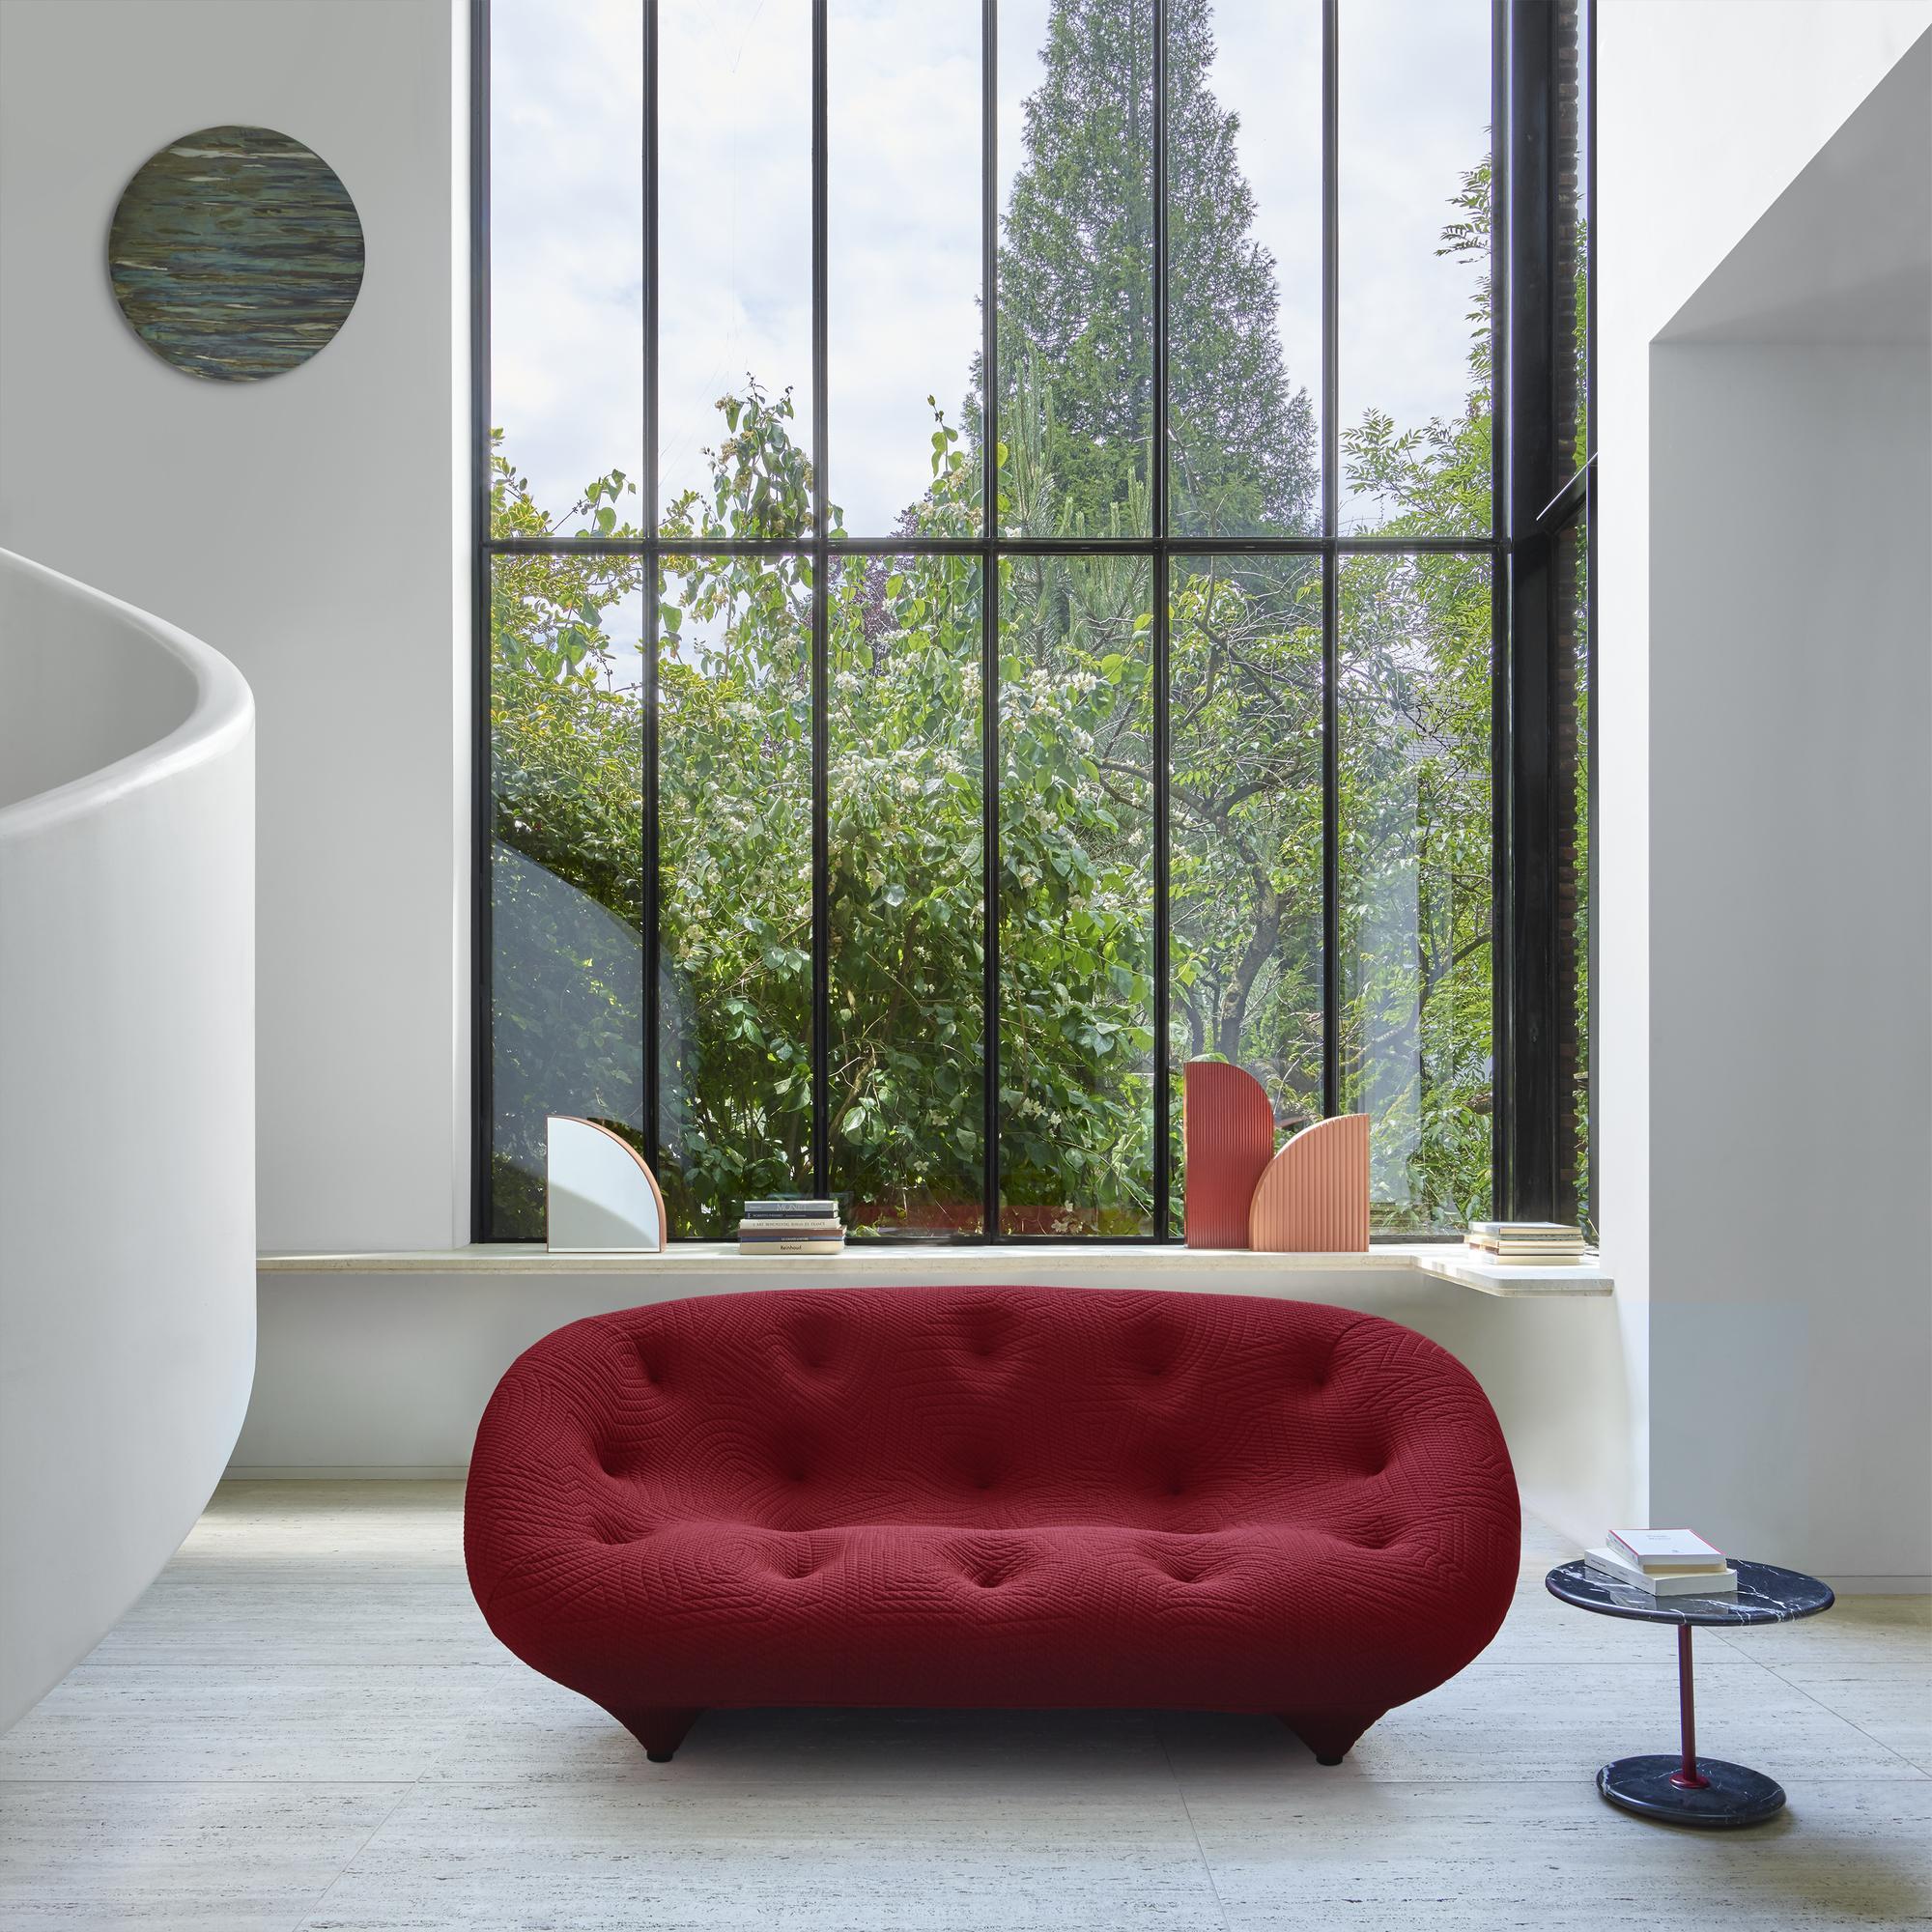 Ploum De Ligne Roset Canapés Du Designer R. & E. Bouroullec ... concernant Pouf Bubble Occasion